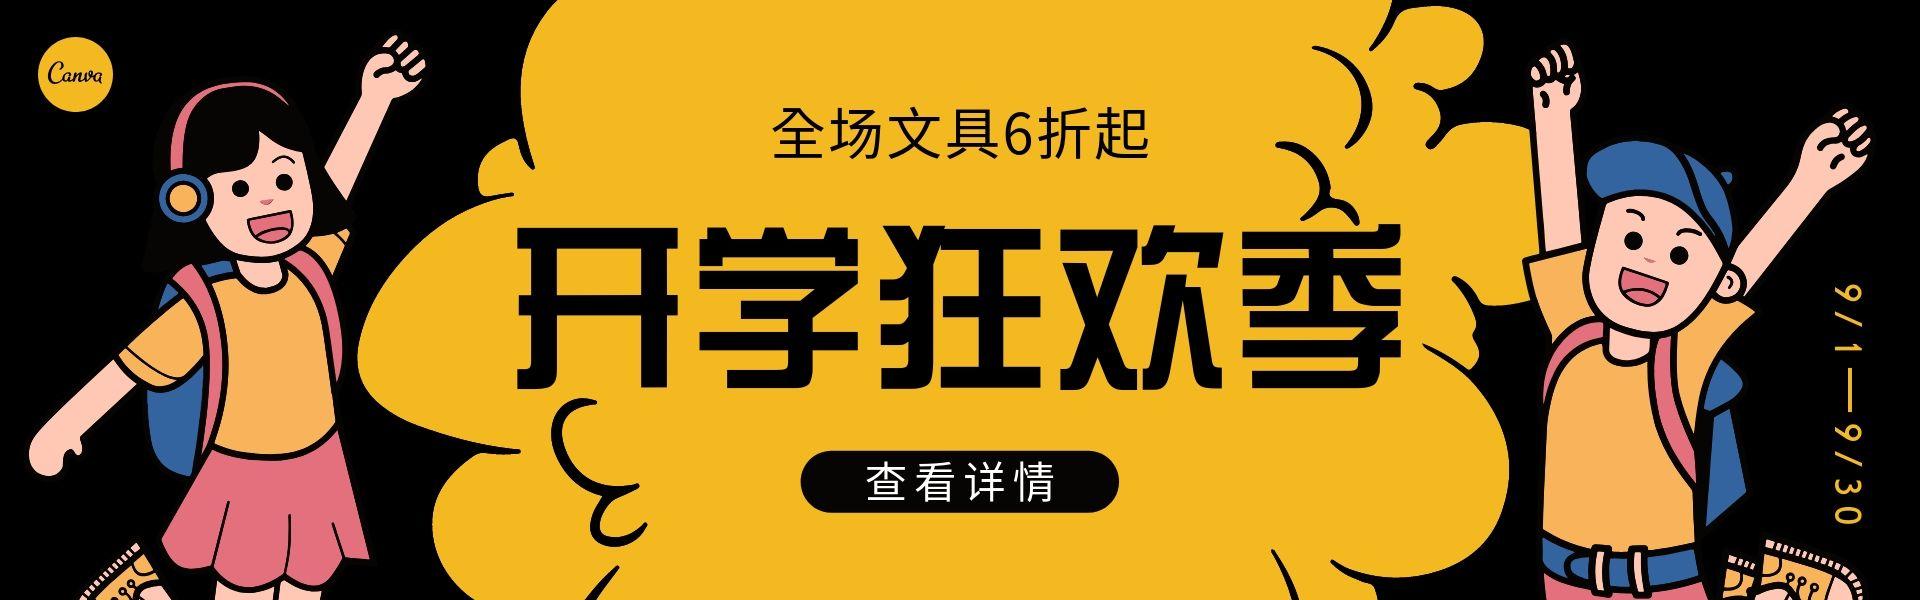 开学季电商Banner